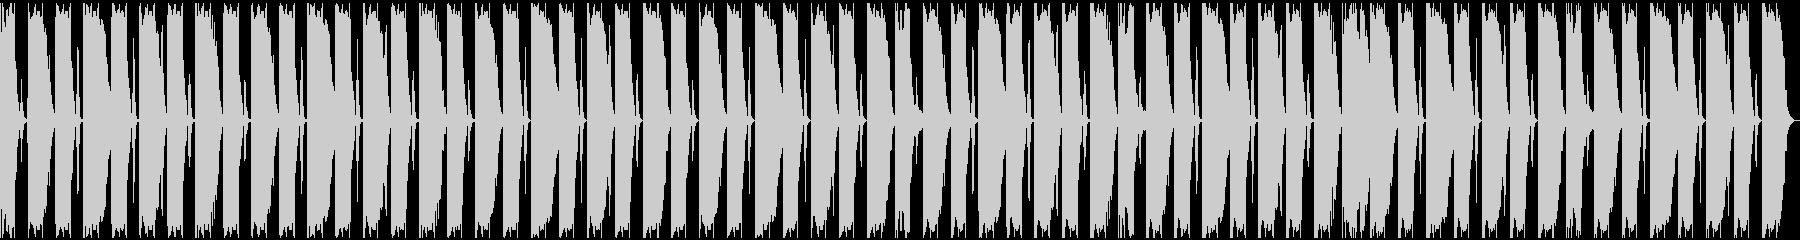 【エレクトロニカ】ロング2、ミディアム2の未再生の波形